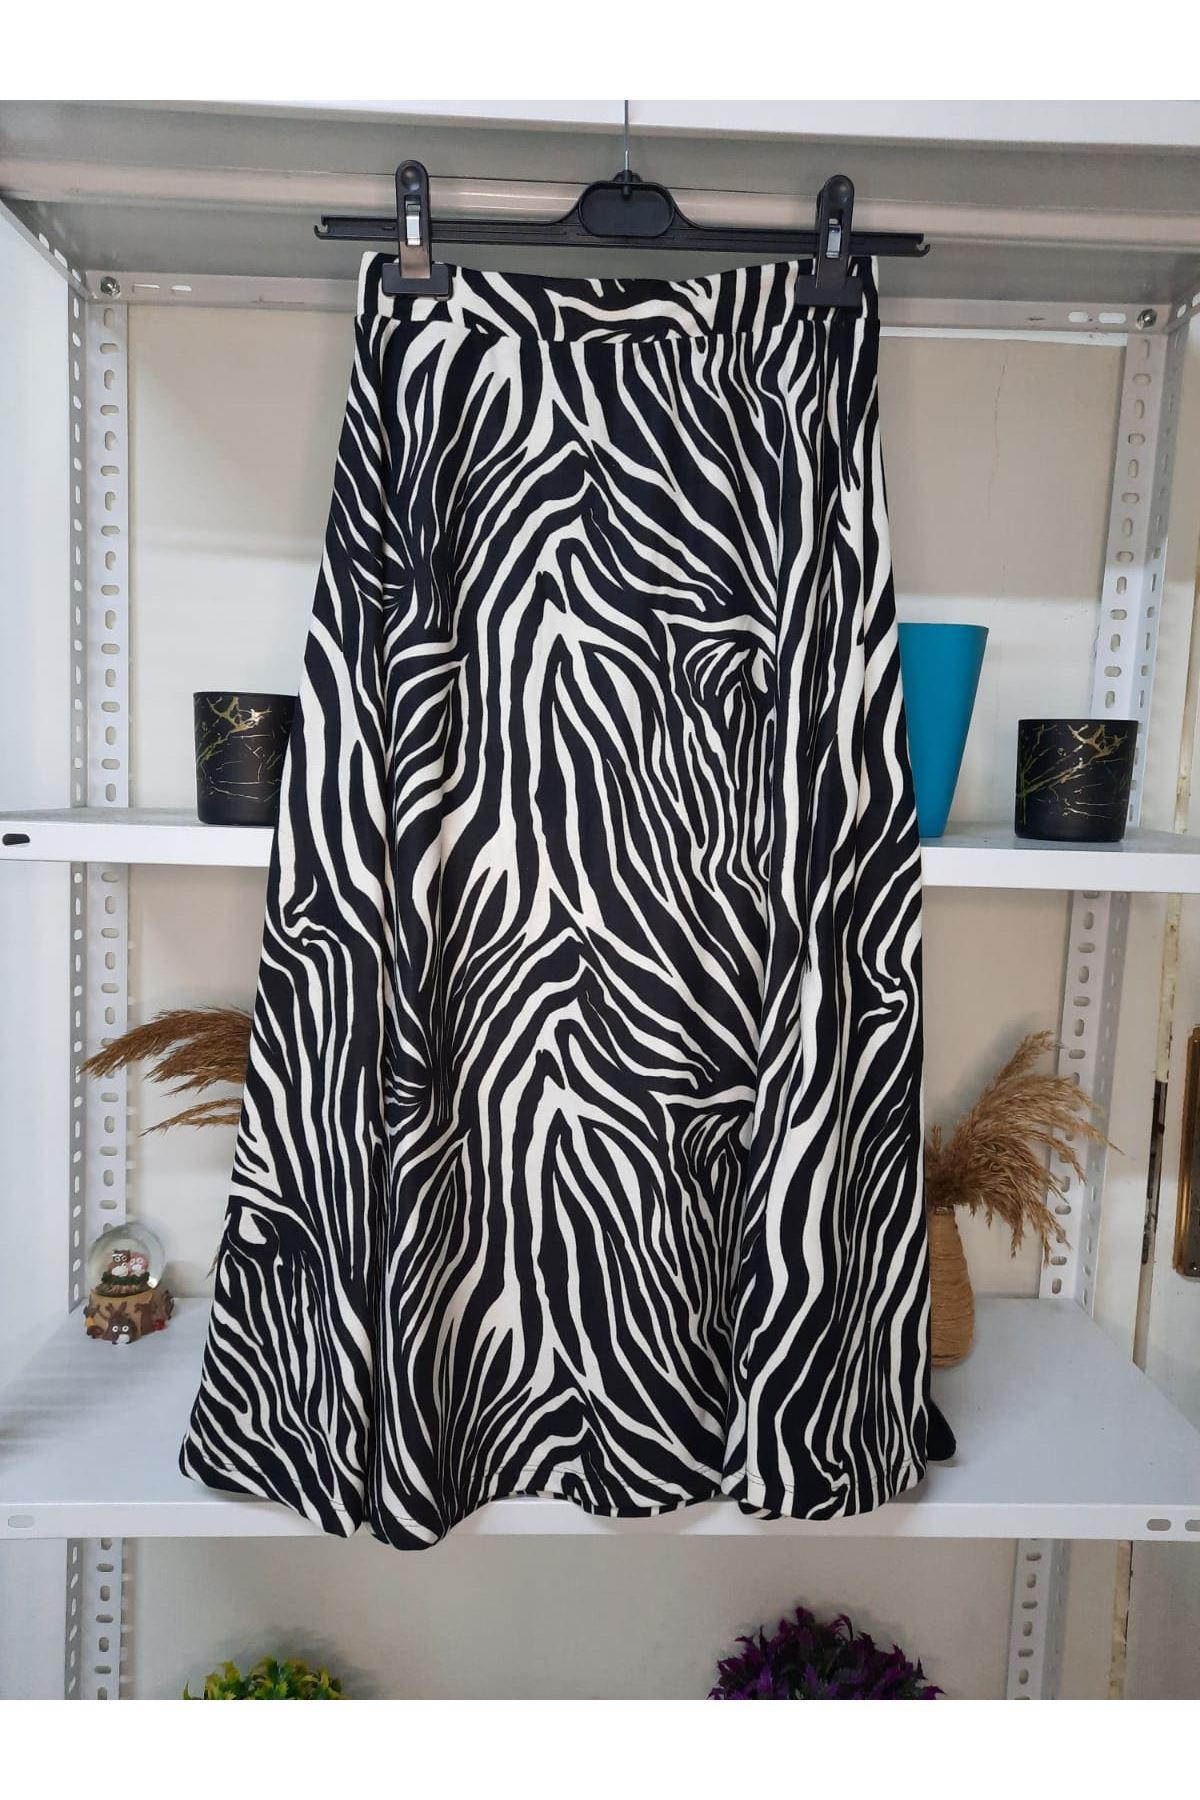 Zebra Baskılı Etek - Zebra